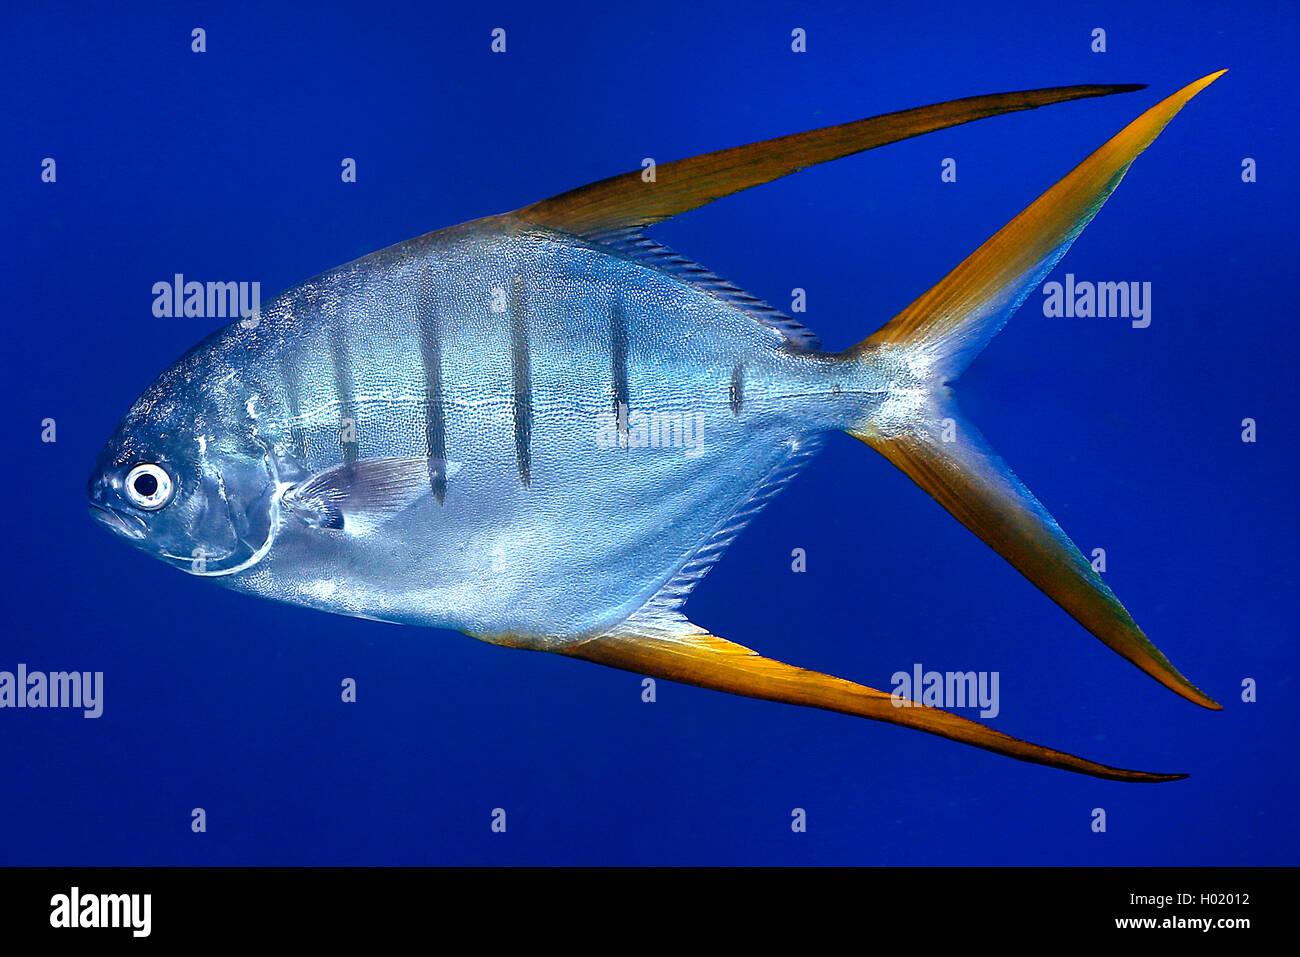 Stachelmakrele, Stachel-Makrele, Trachinotus rhodopus (Trachinotus rhodopus), schwimmend, Costa Rica | Gafftopsail - Stock Image